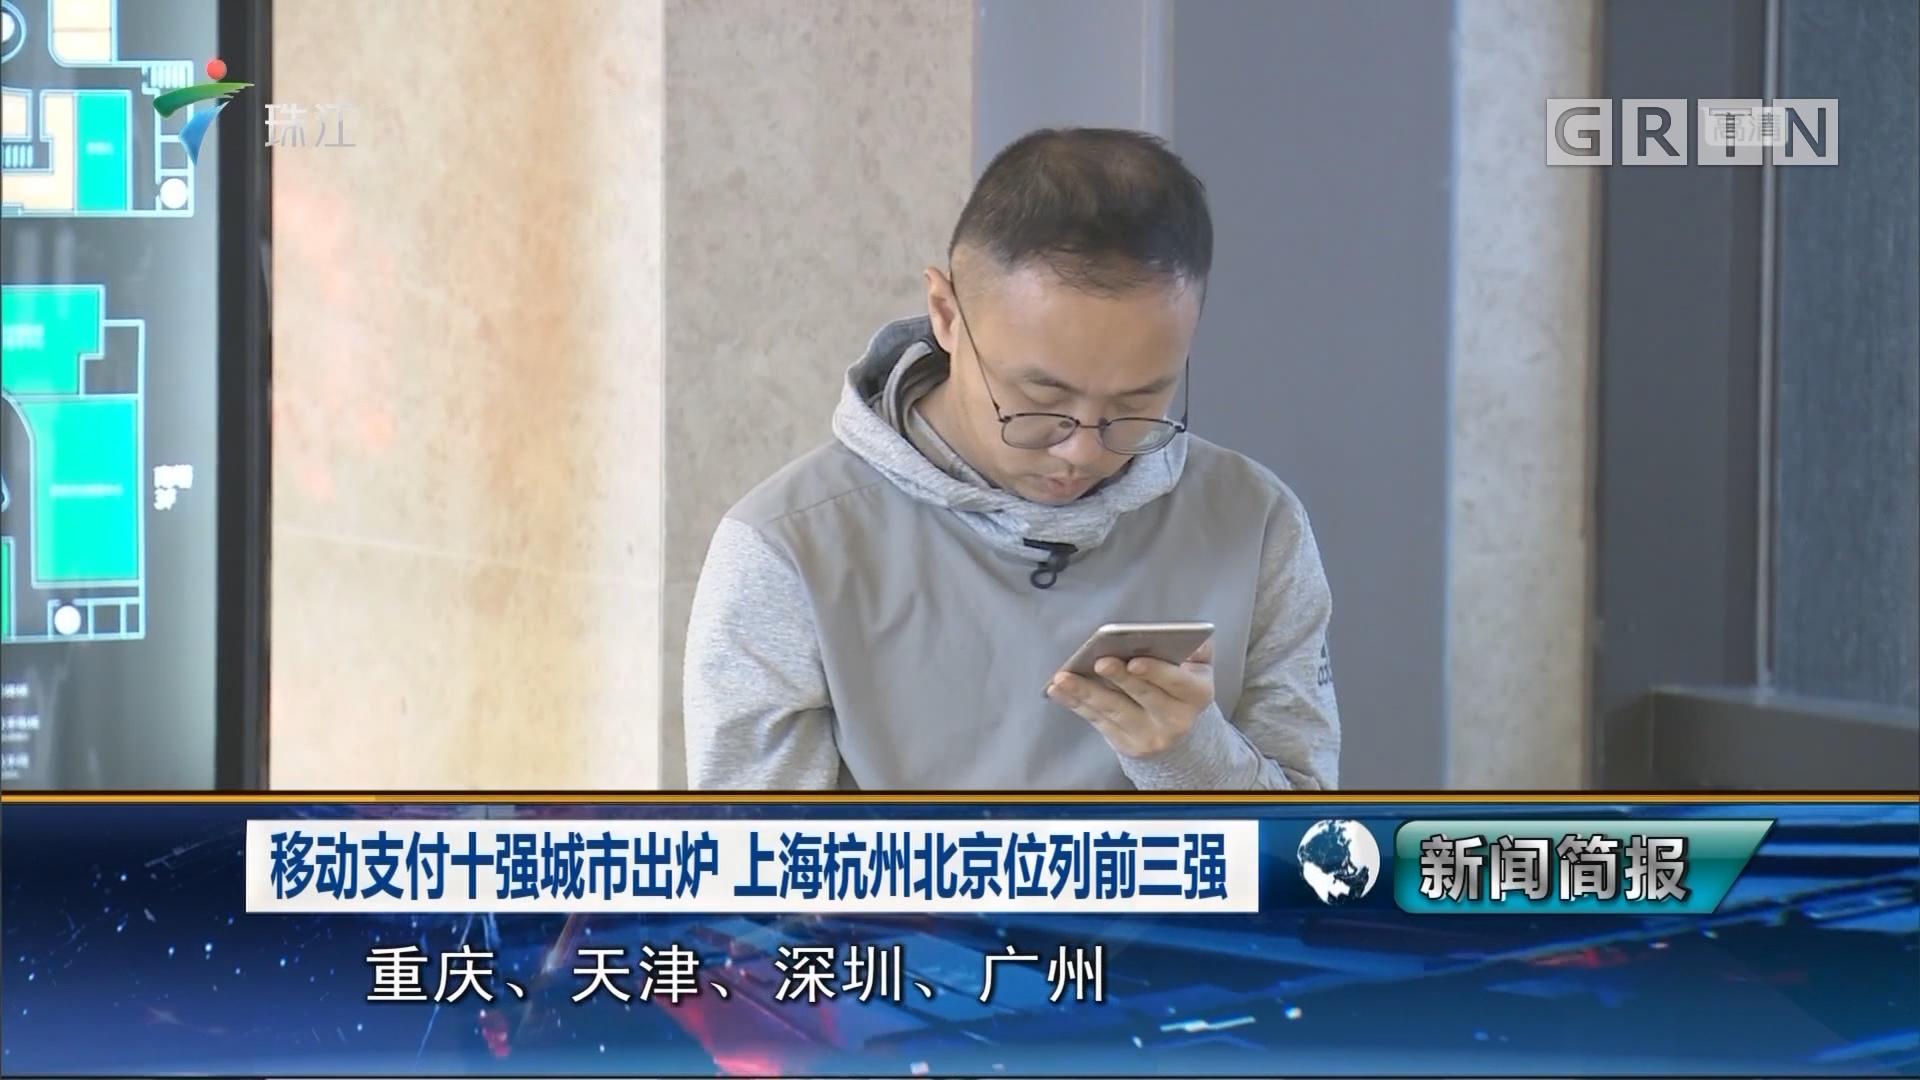 移动支付十强城市出炉 上海杭州北京位列前三强